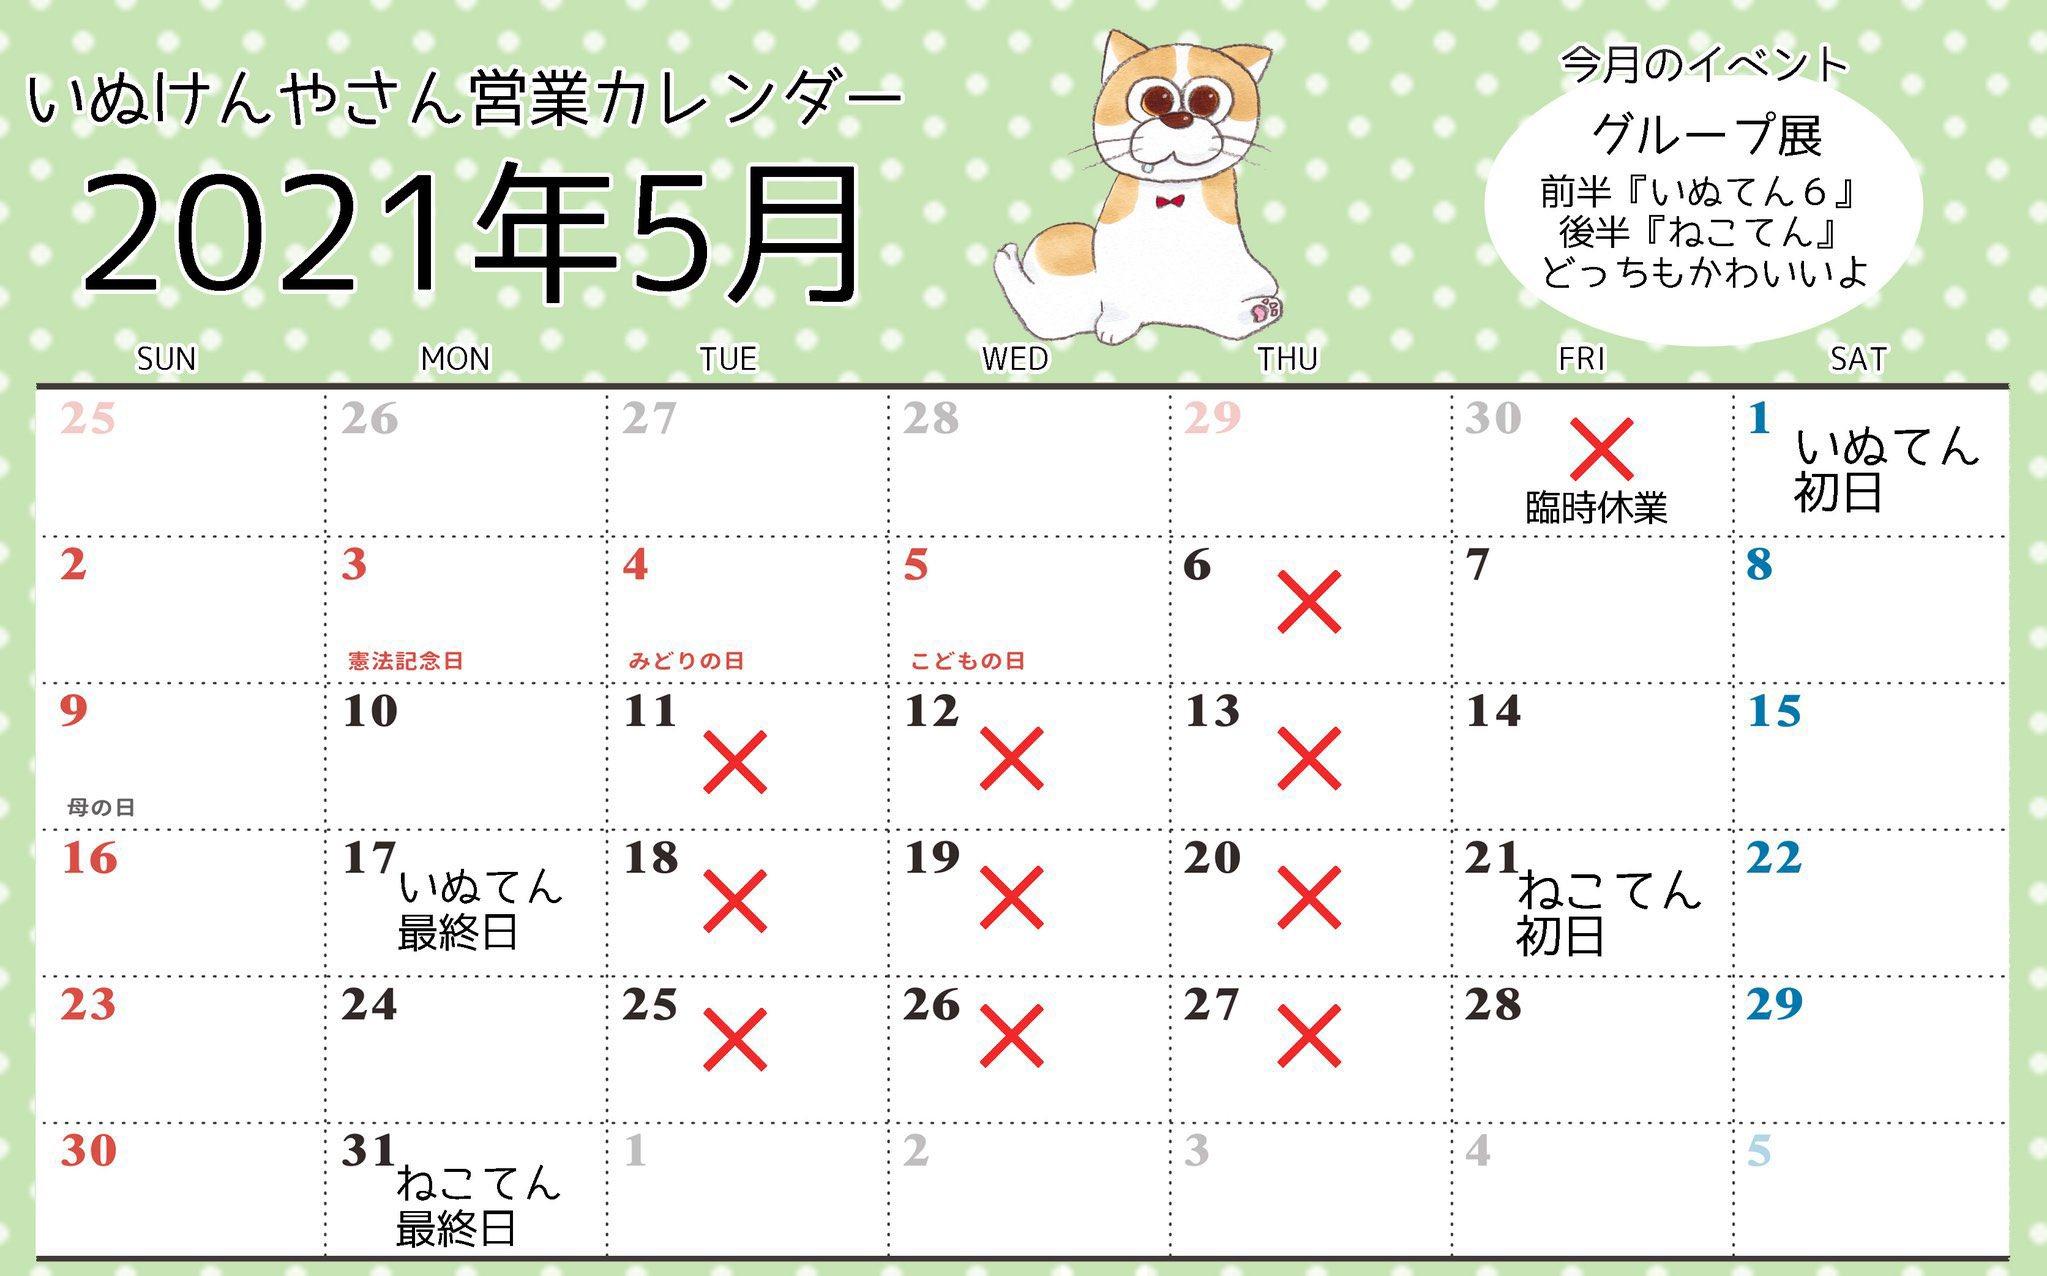 2021年5月いぬけんカレンダー